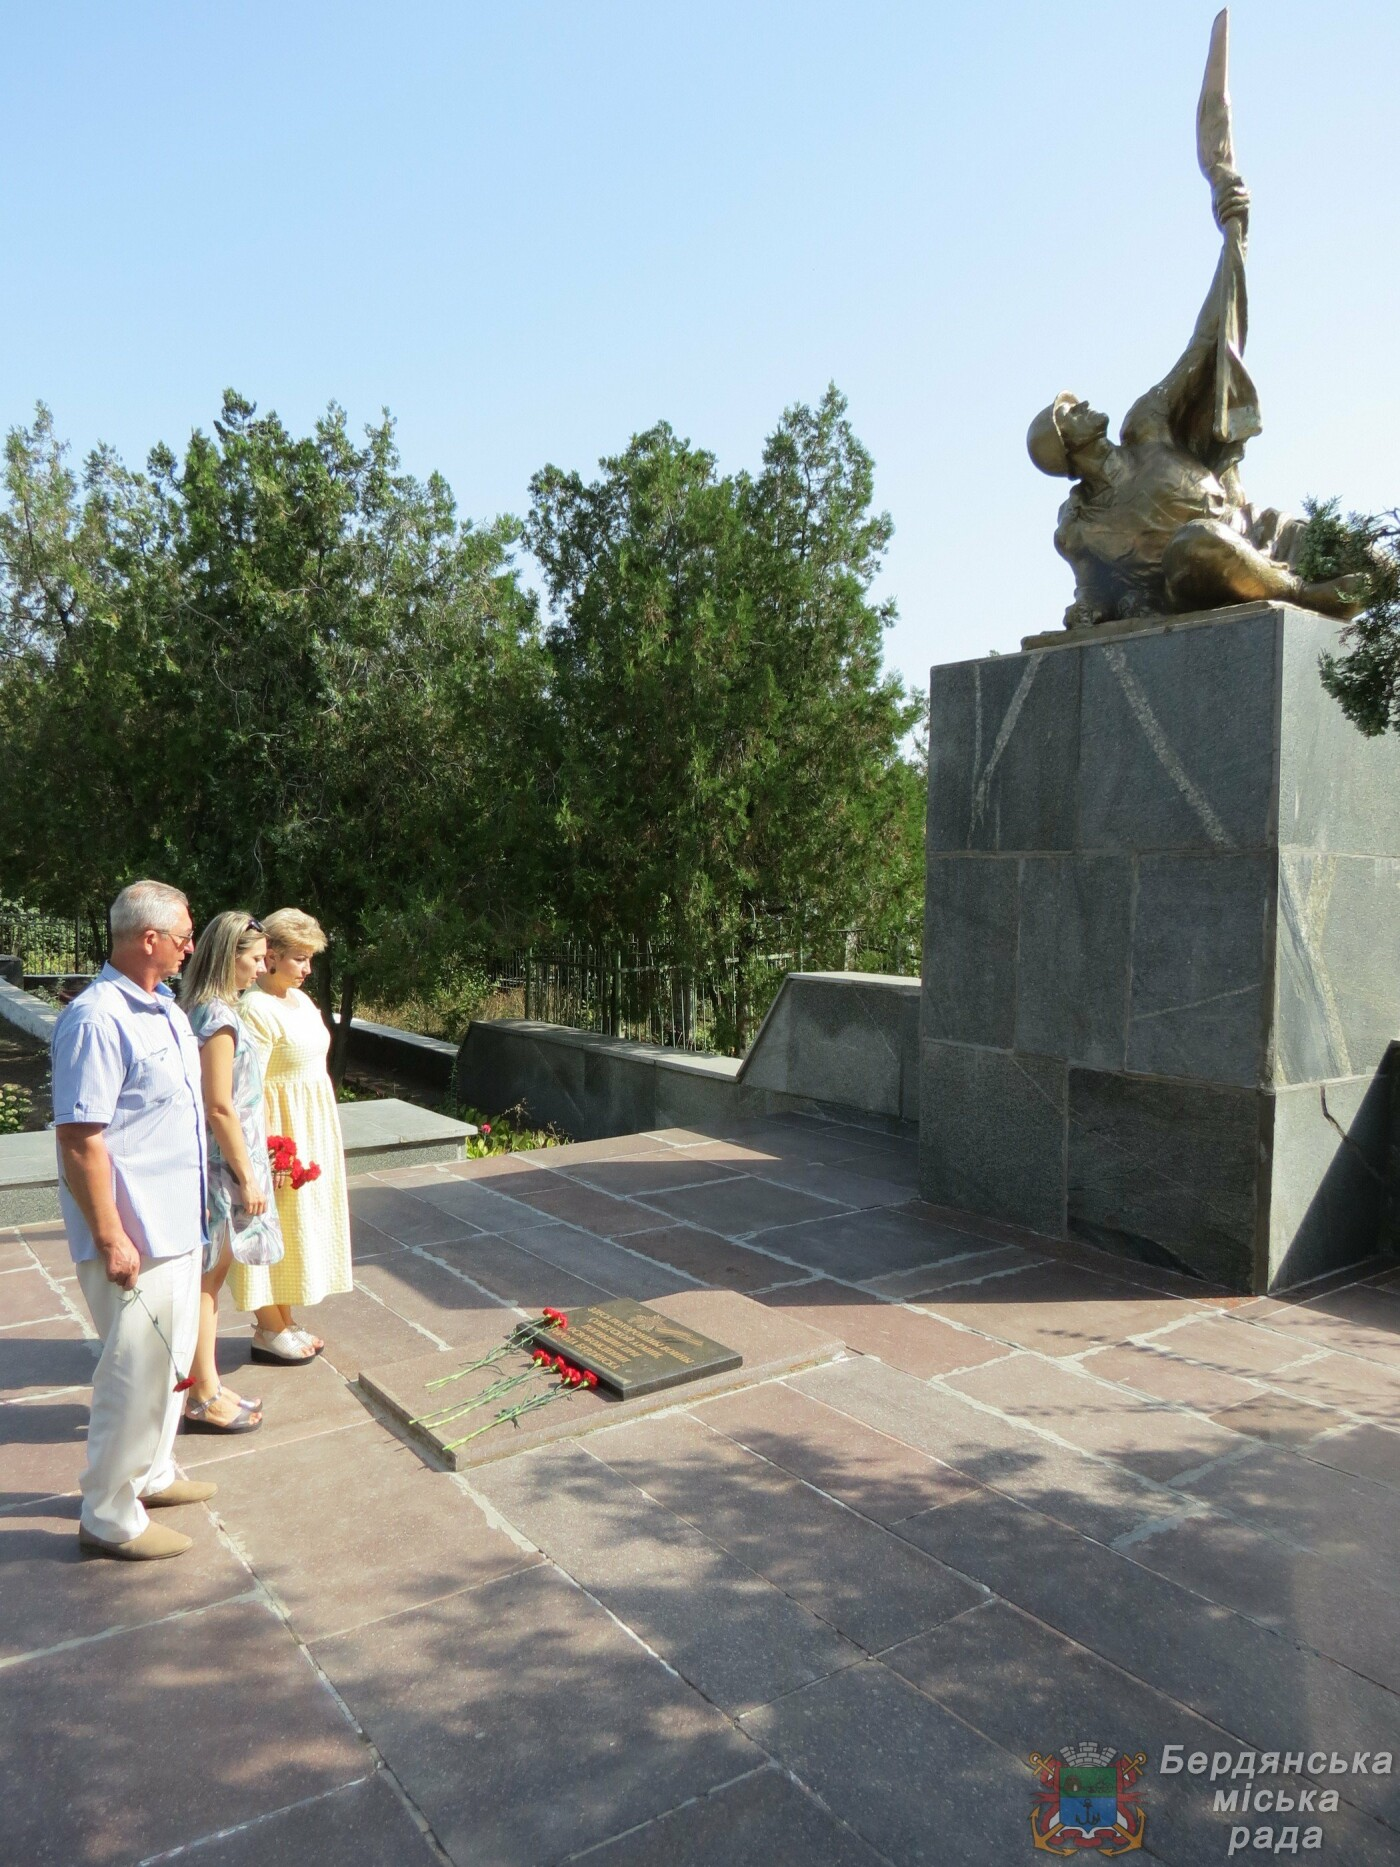 В Бердянске прошло возложение цветов к 75-й годовщине окончания Второй мировой войны, фото-3